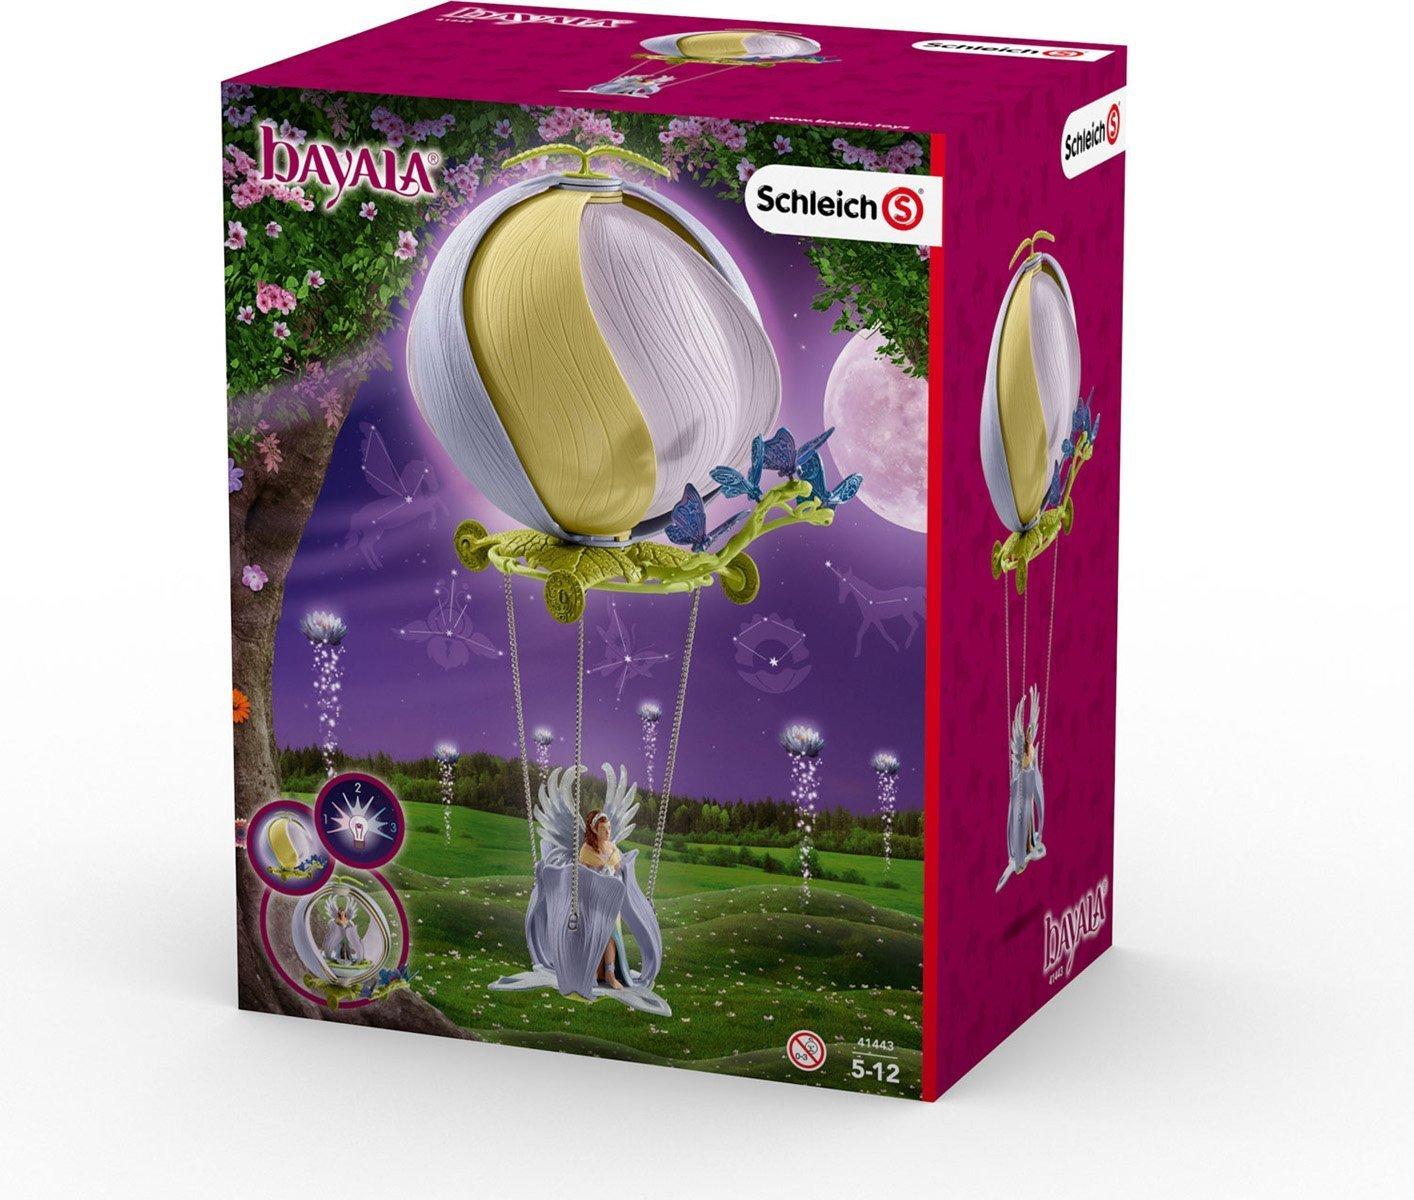 Schleich magischer Blüten Ballon amazon